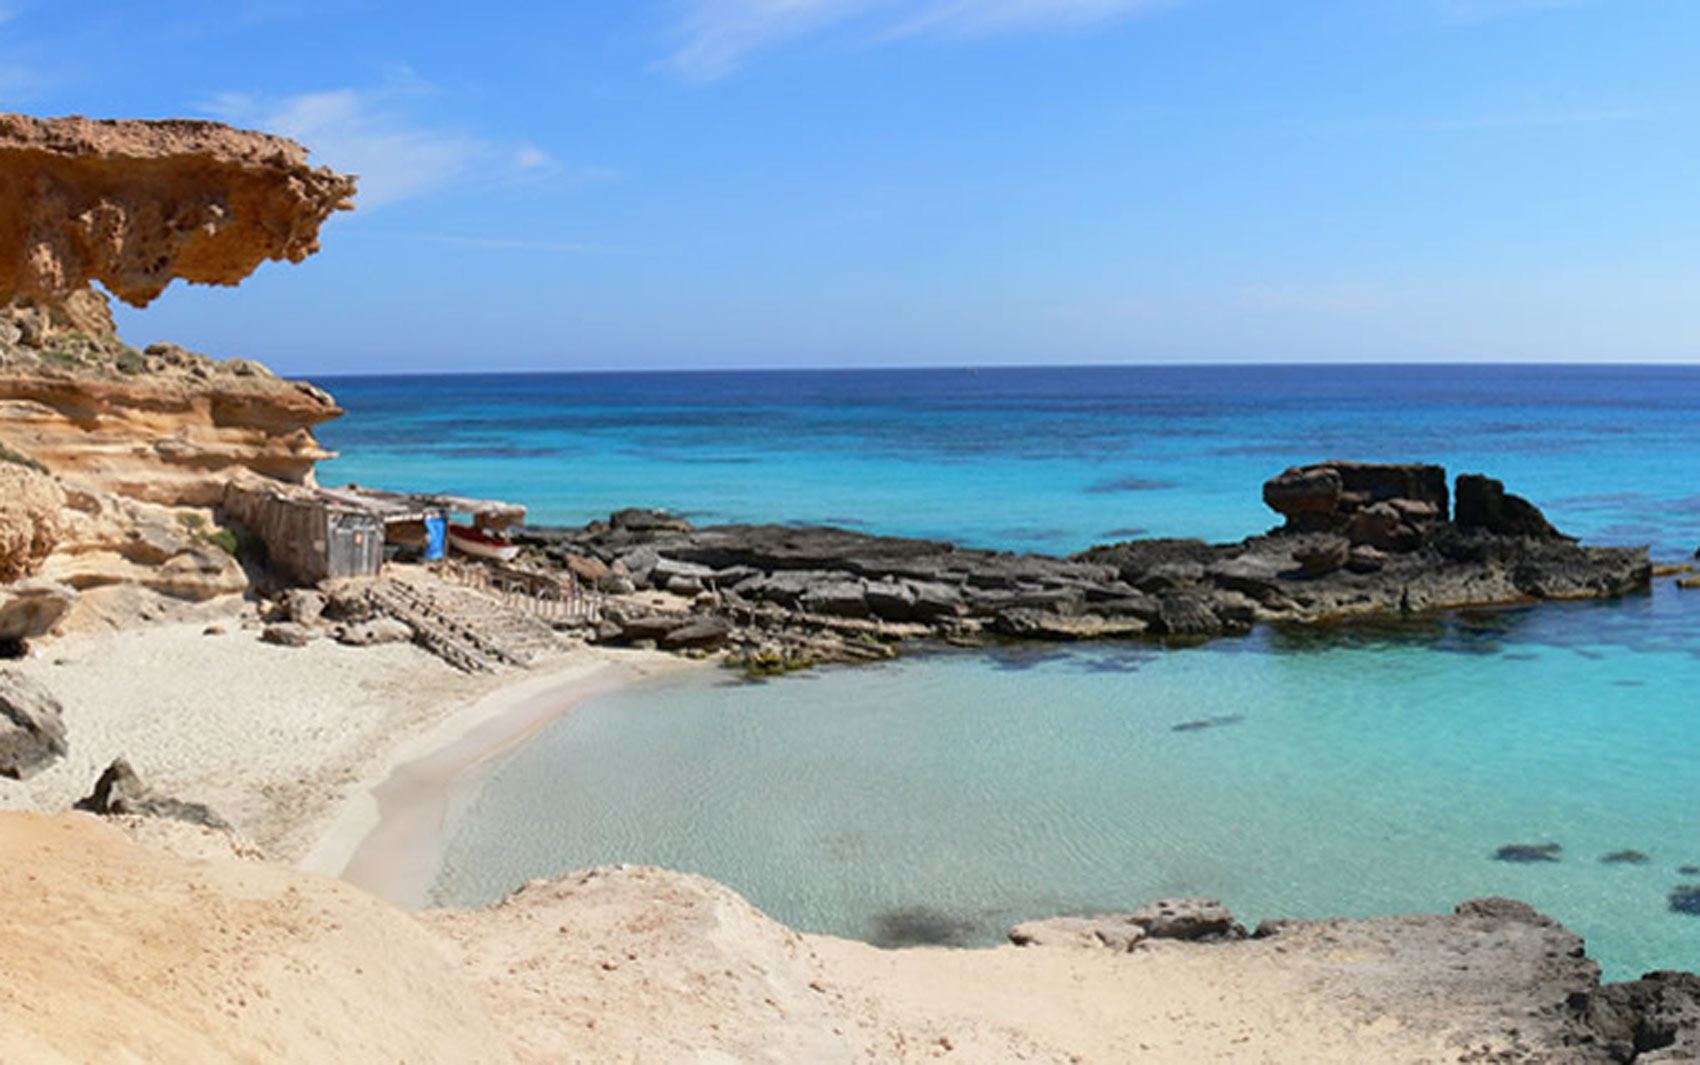 Praia de areia branca e mar azul em Ibiza, ilha que fica no leste da Espanha